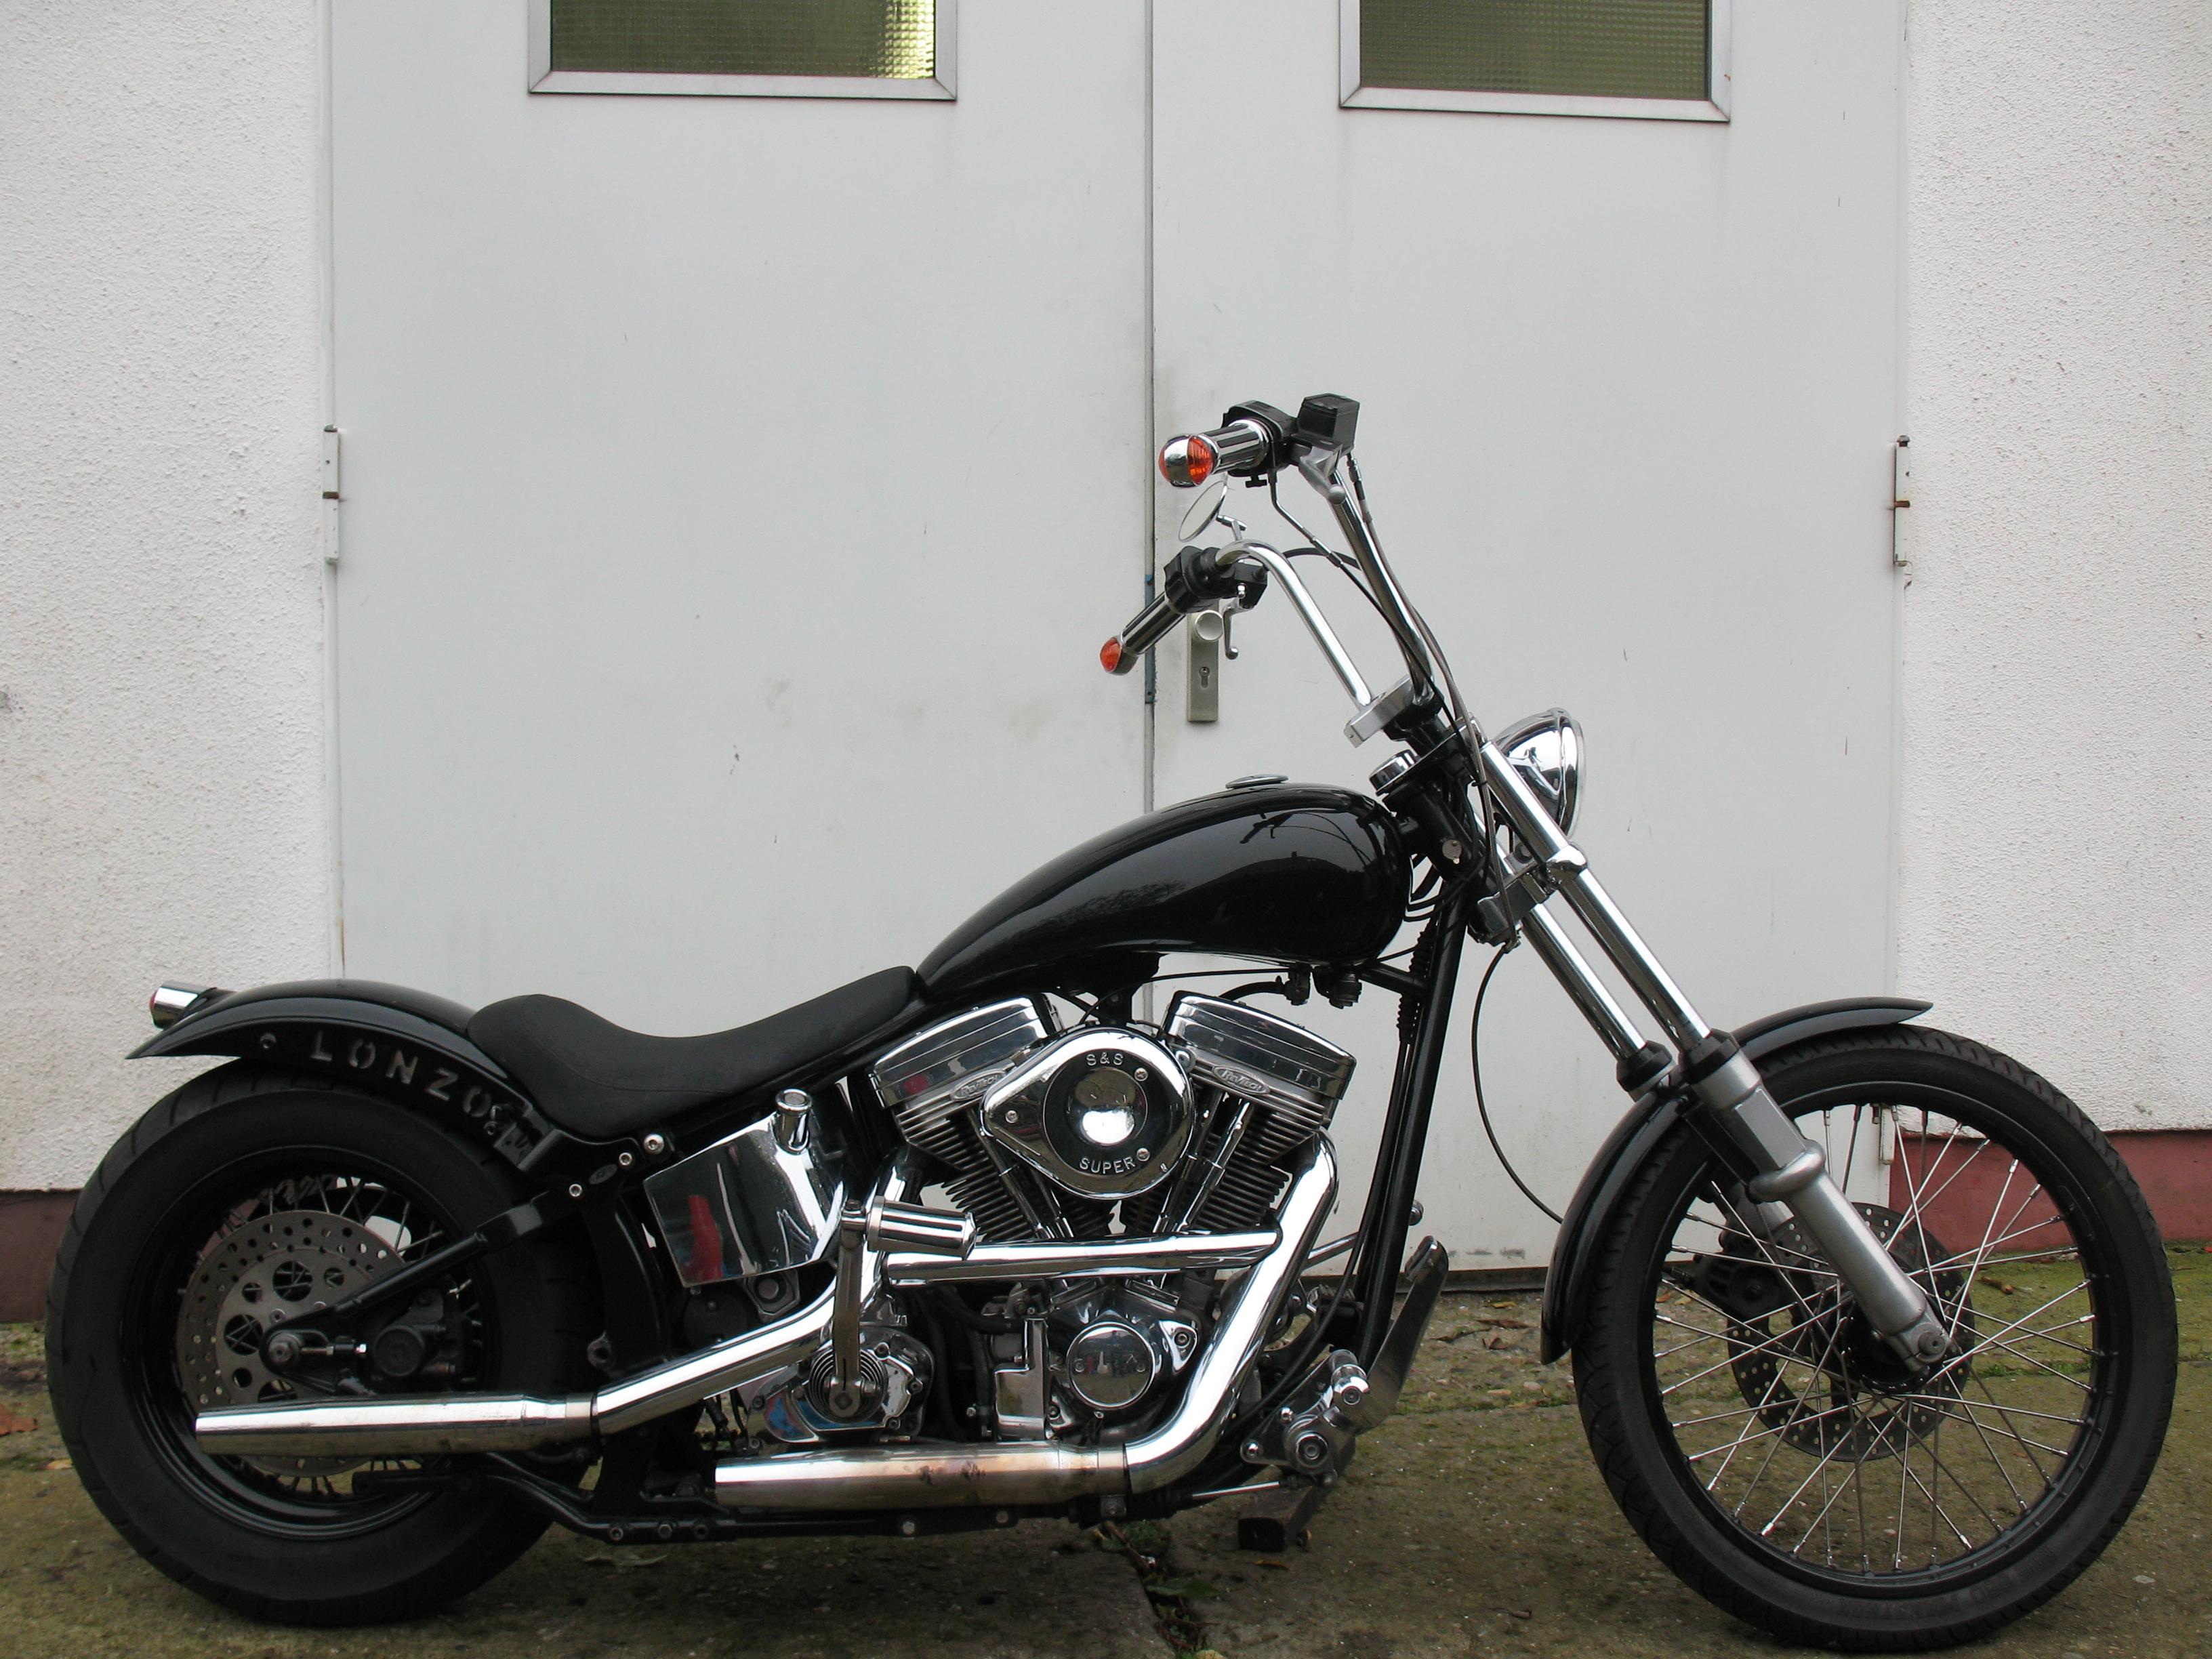 support lonzo v2 motorcycles blog harley davidson. Black Bedroom Furniture Sets. Home Design Ideas